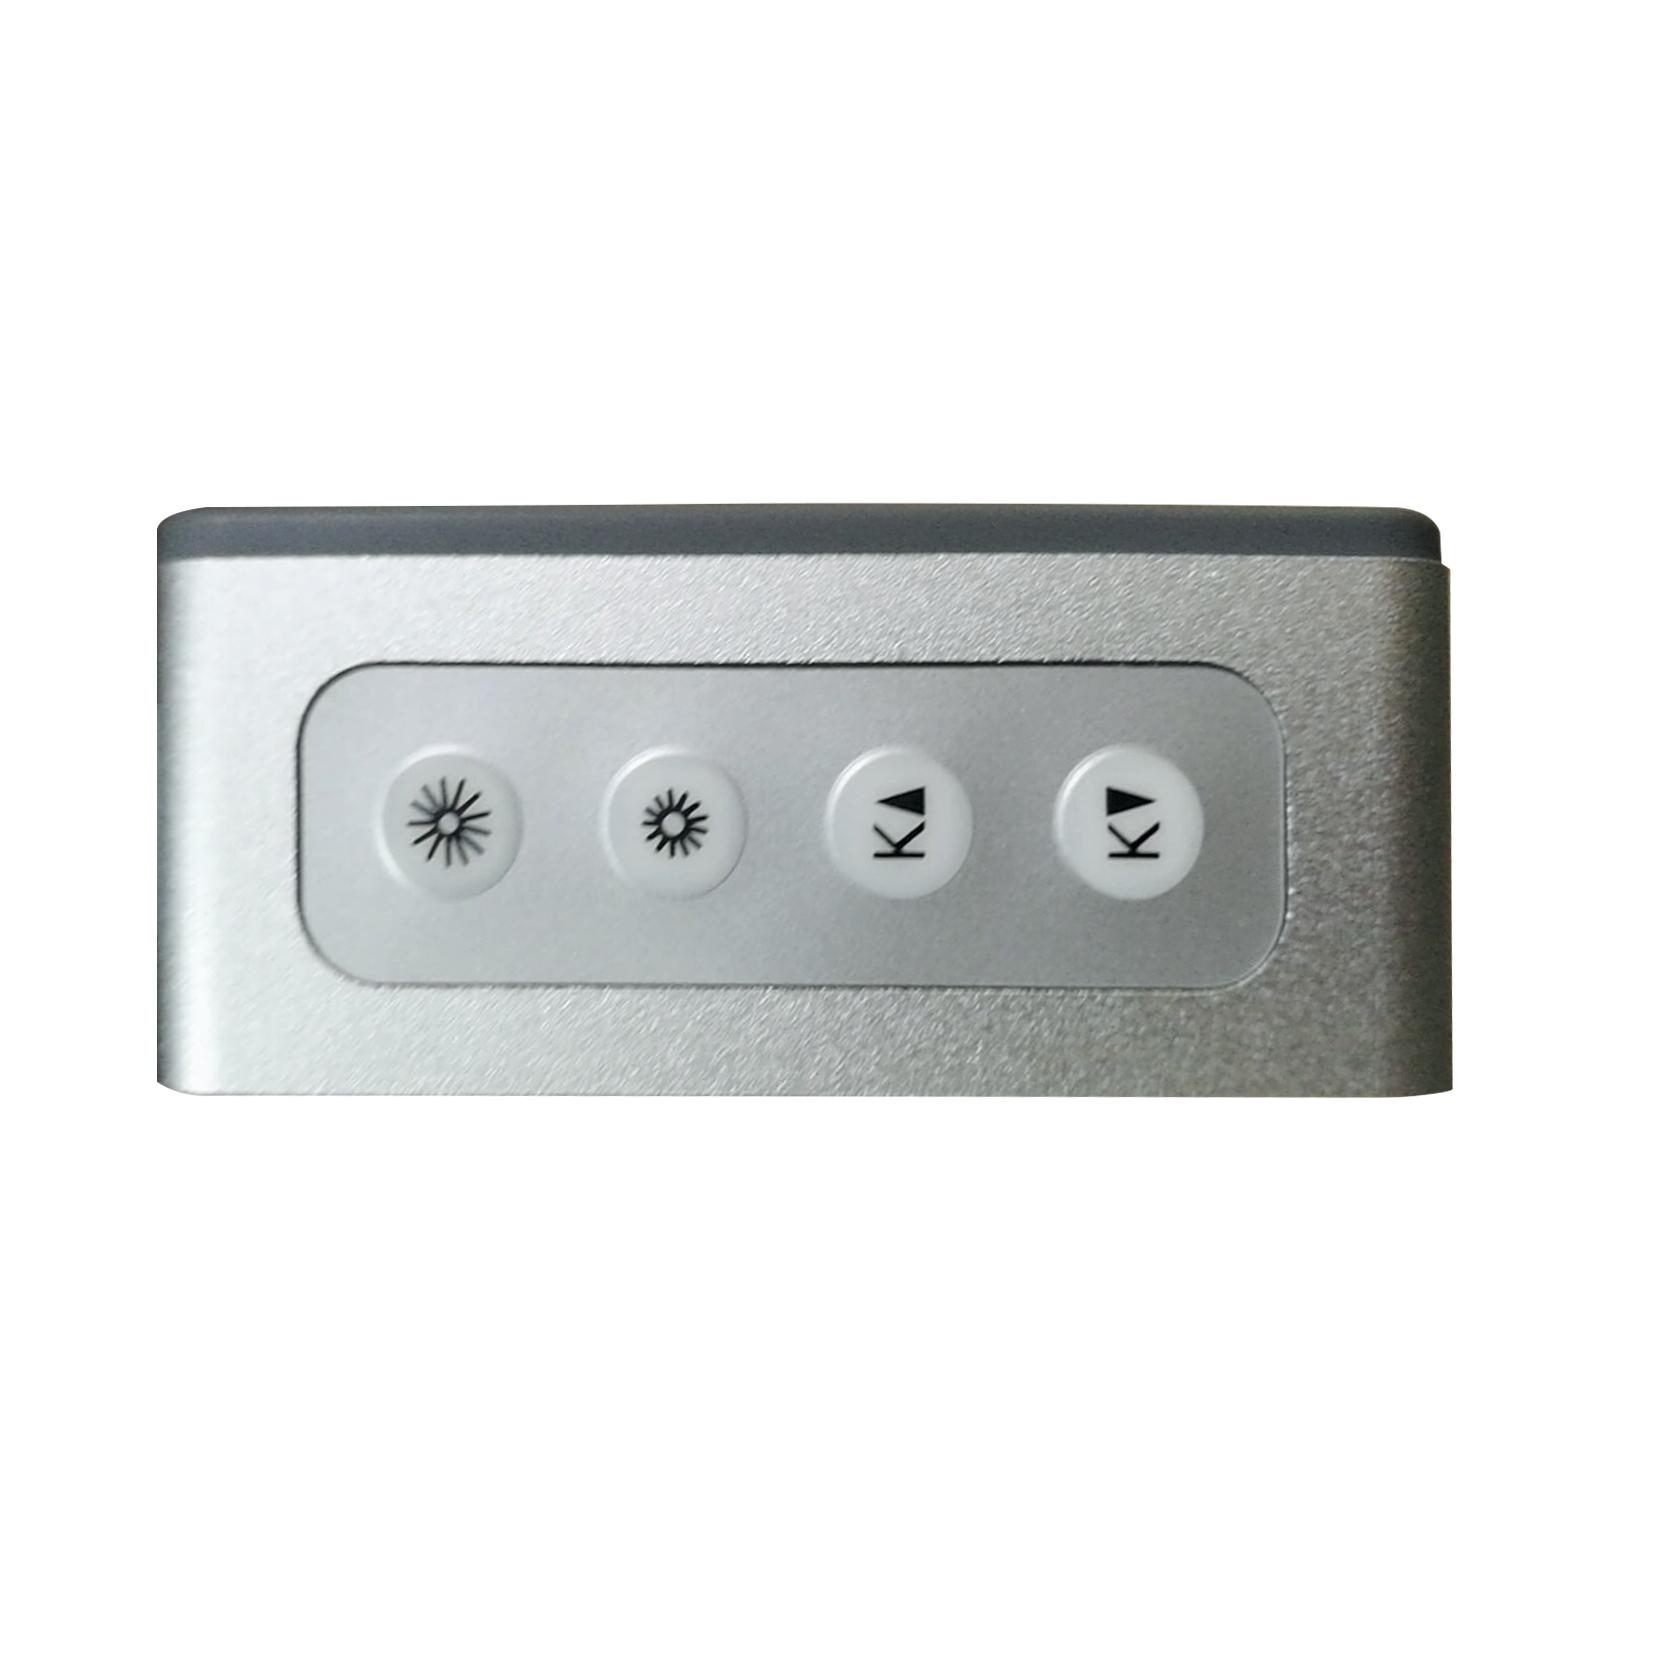 Светодиодный кольцевой светильник 48 Вт 3000-6000K с двумя гибкими ручками для макияжа/фотографии/фотографий/студии/видео/телефона/камеры